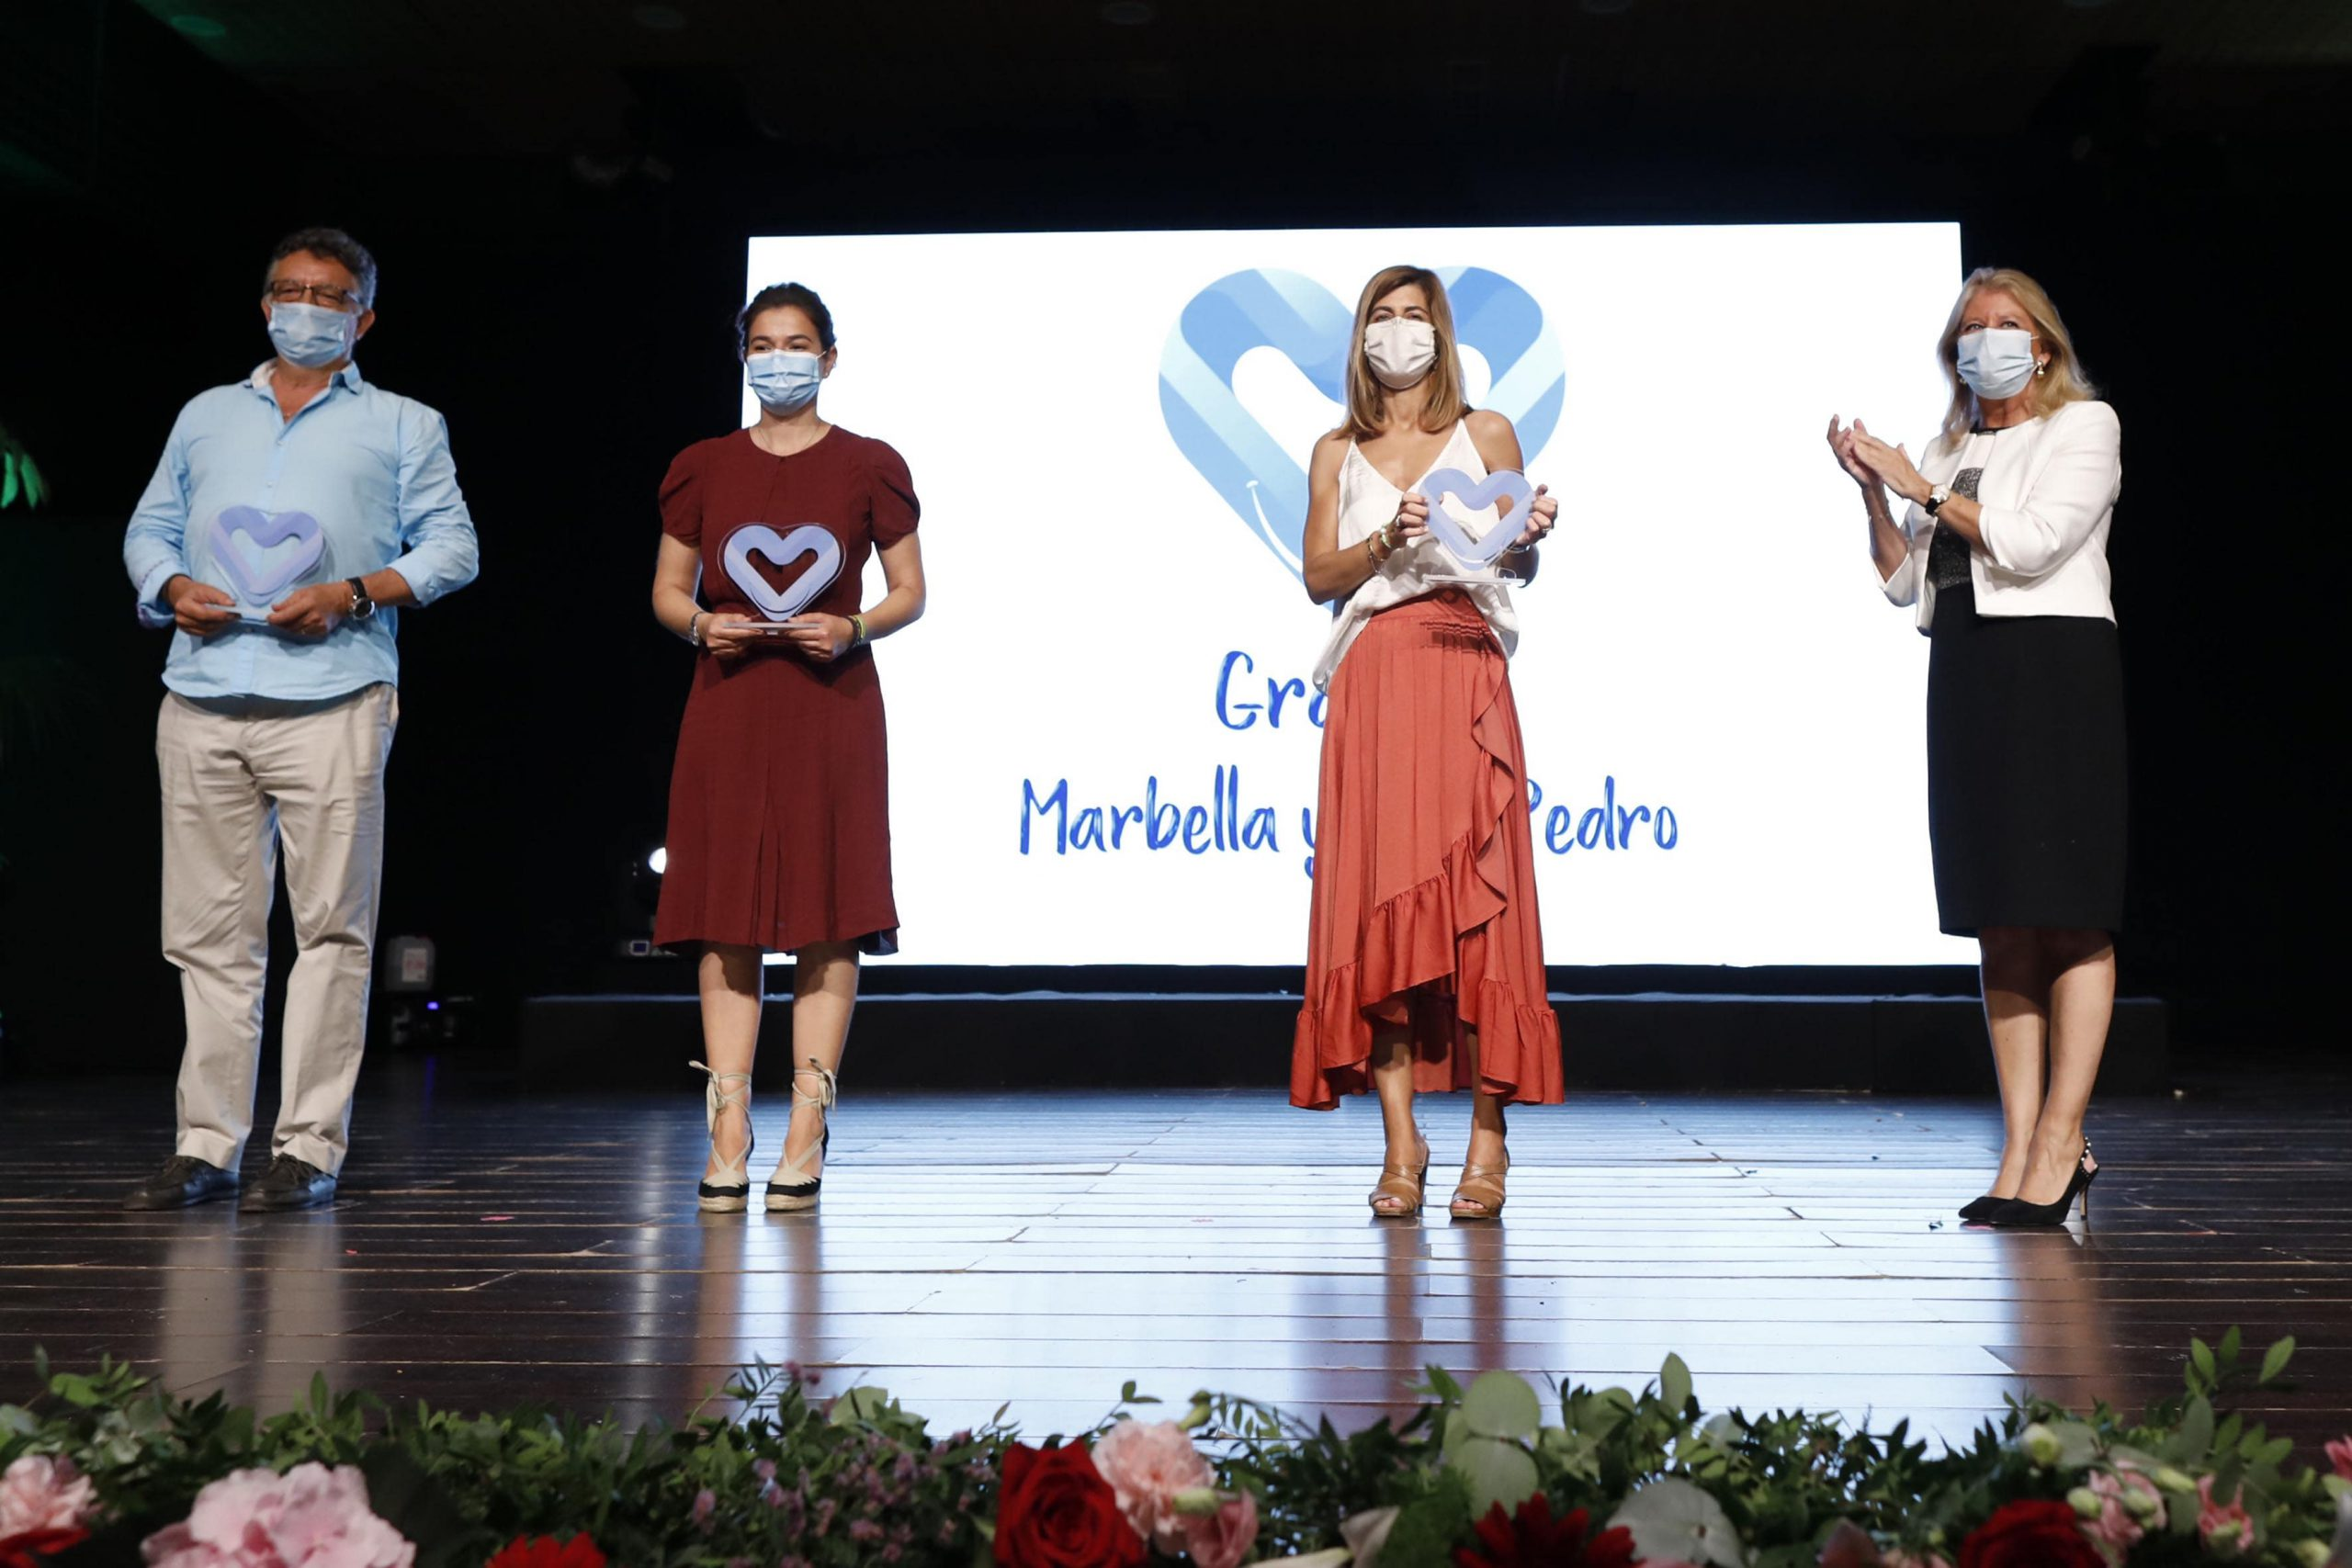 La gala 'Gracias Marbella y San Pedro' reconoce la labor de personas y colectivos durante la pandemia del Covid